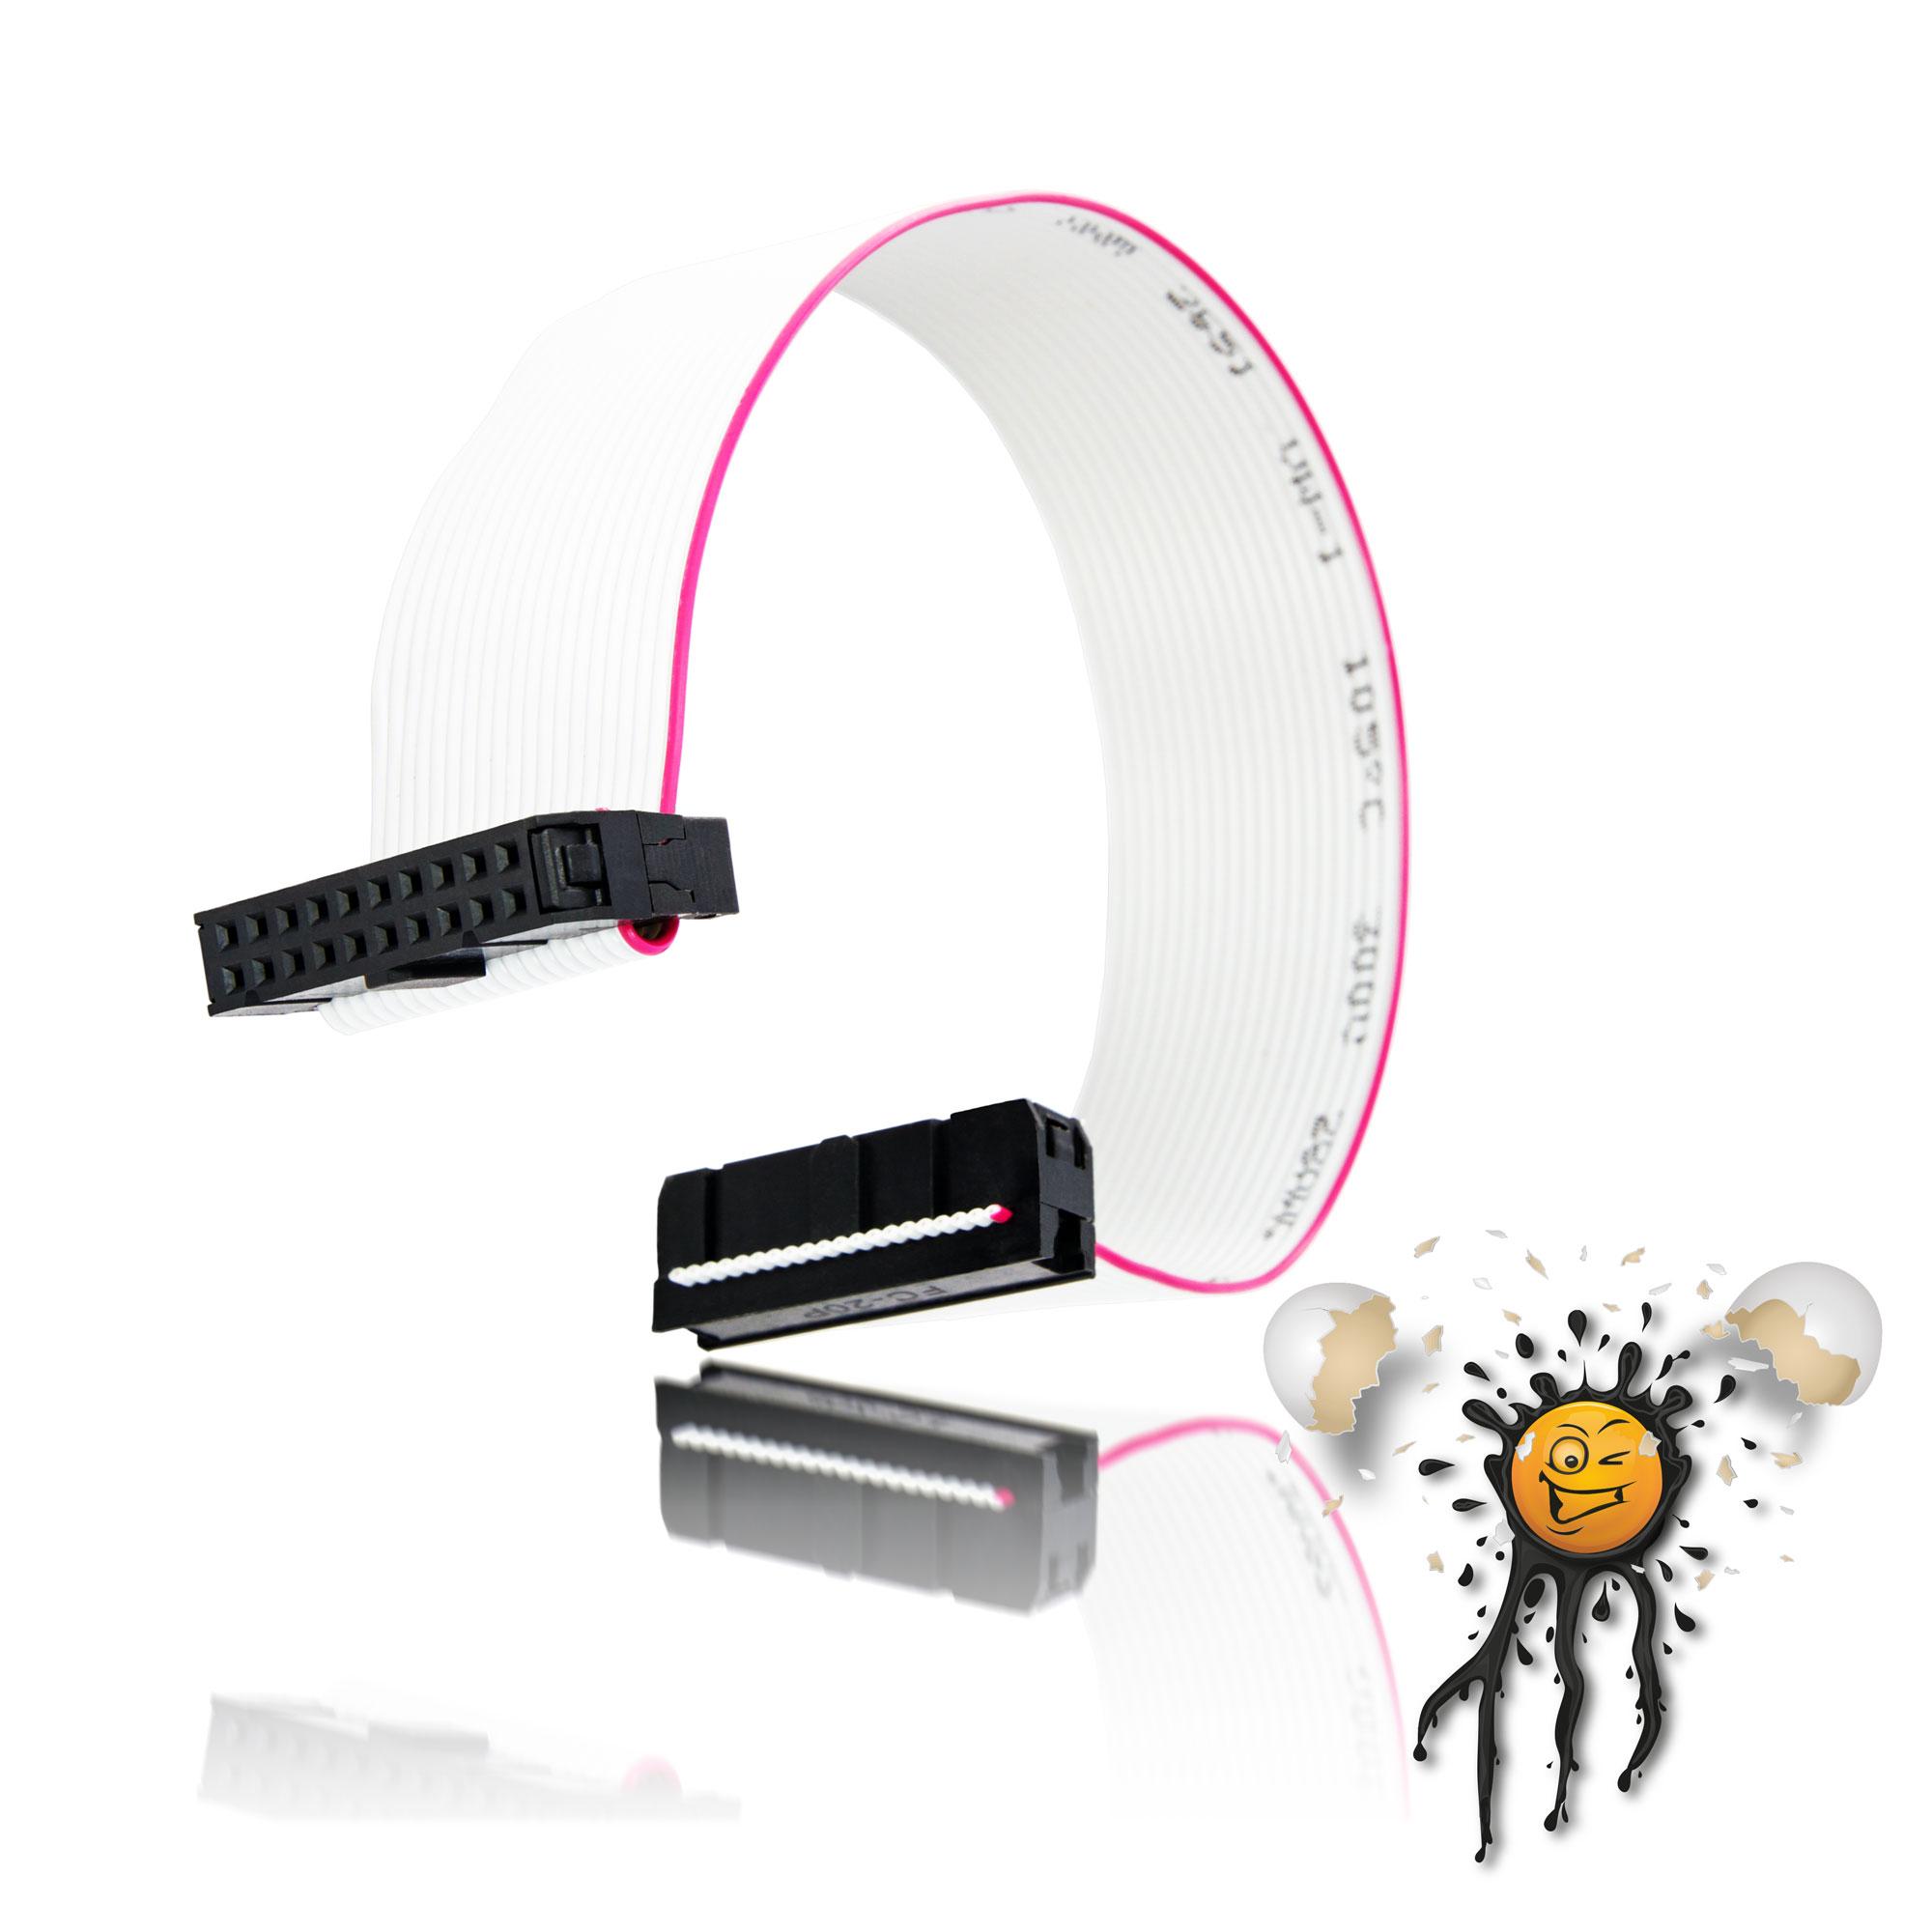 Flachbandkabel mit Pfostenverbinder 20-polig – IoT powered by ...